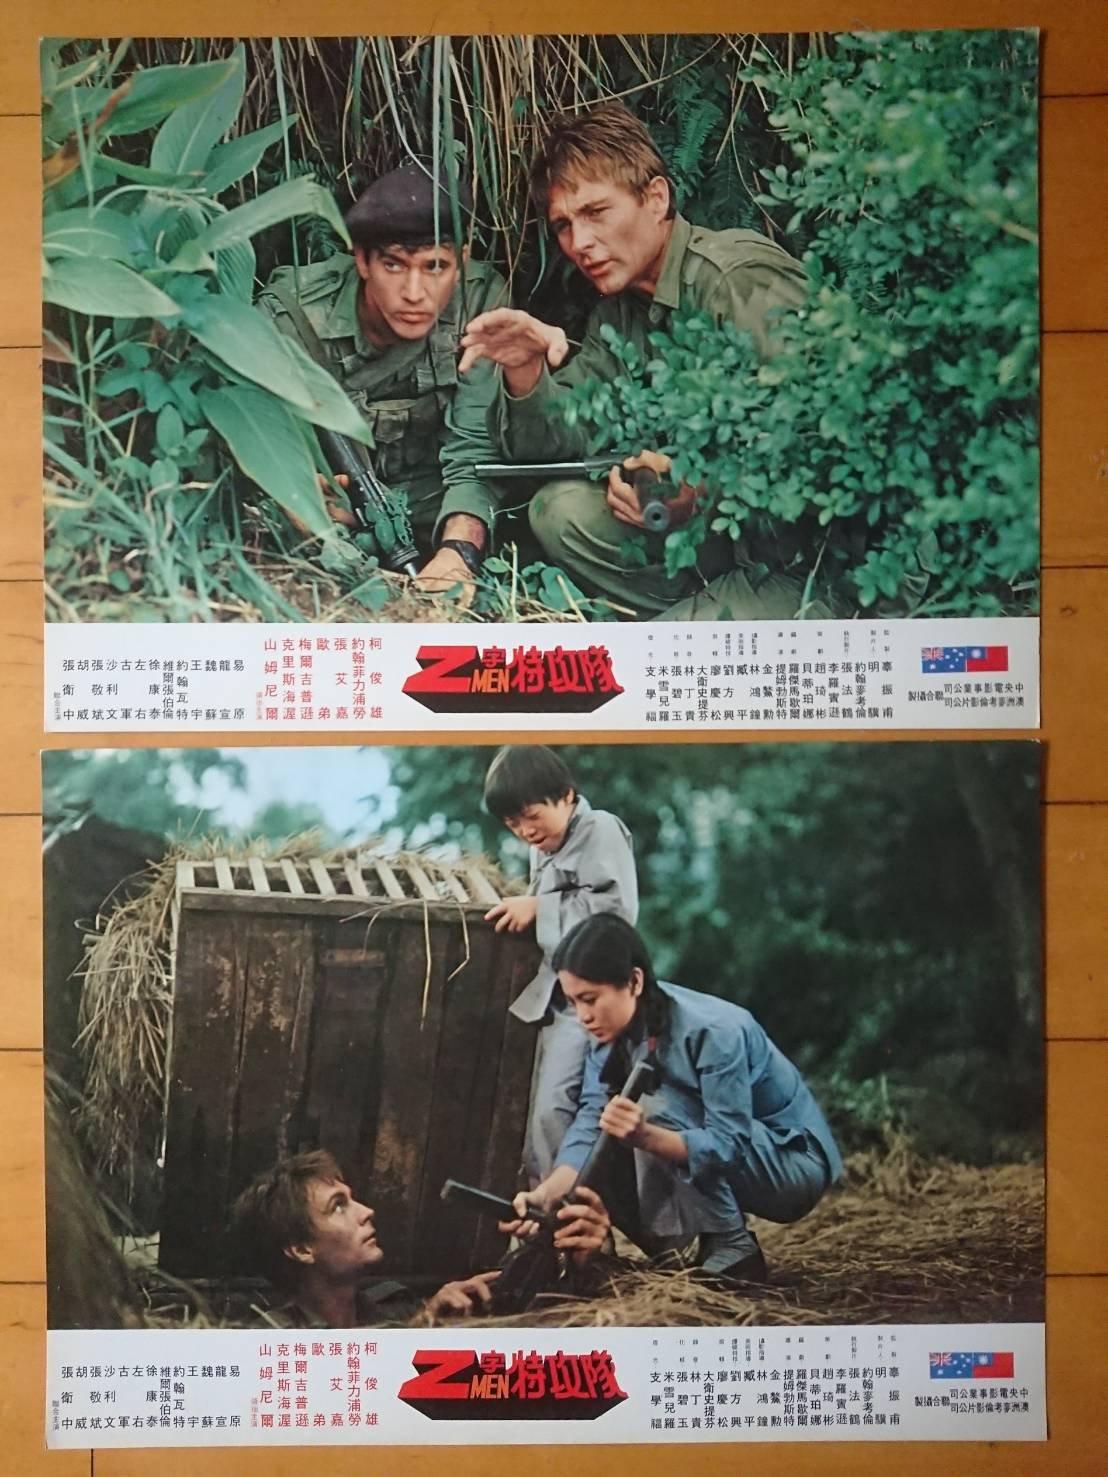 Z字特攻隊 - 梅爾吉勃遜、柯俊雄、張艾嘉 - 台灣原版電影劇照1組4張 (1981年)